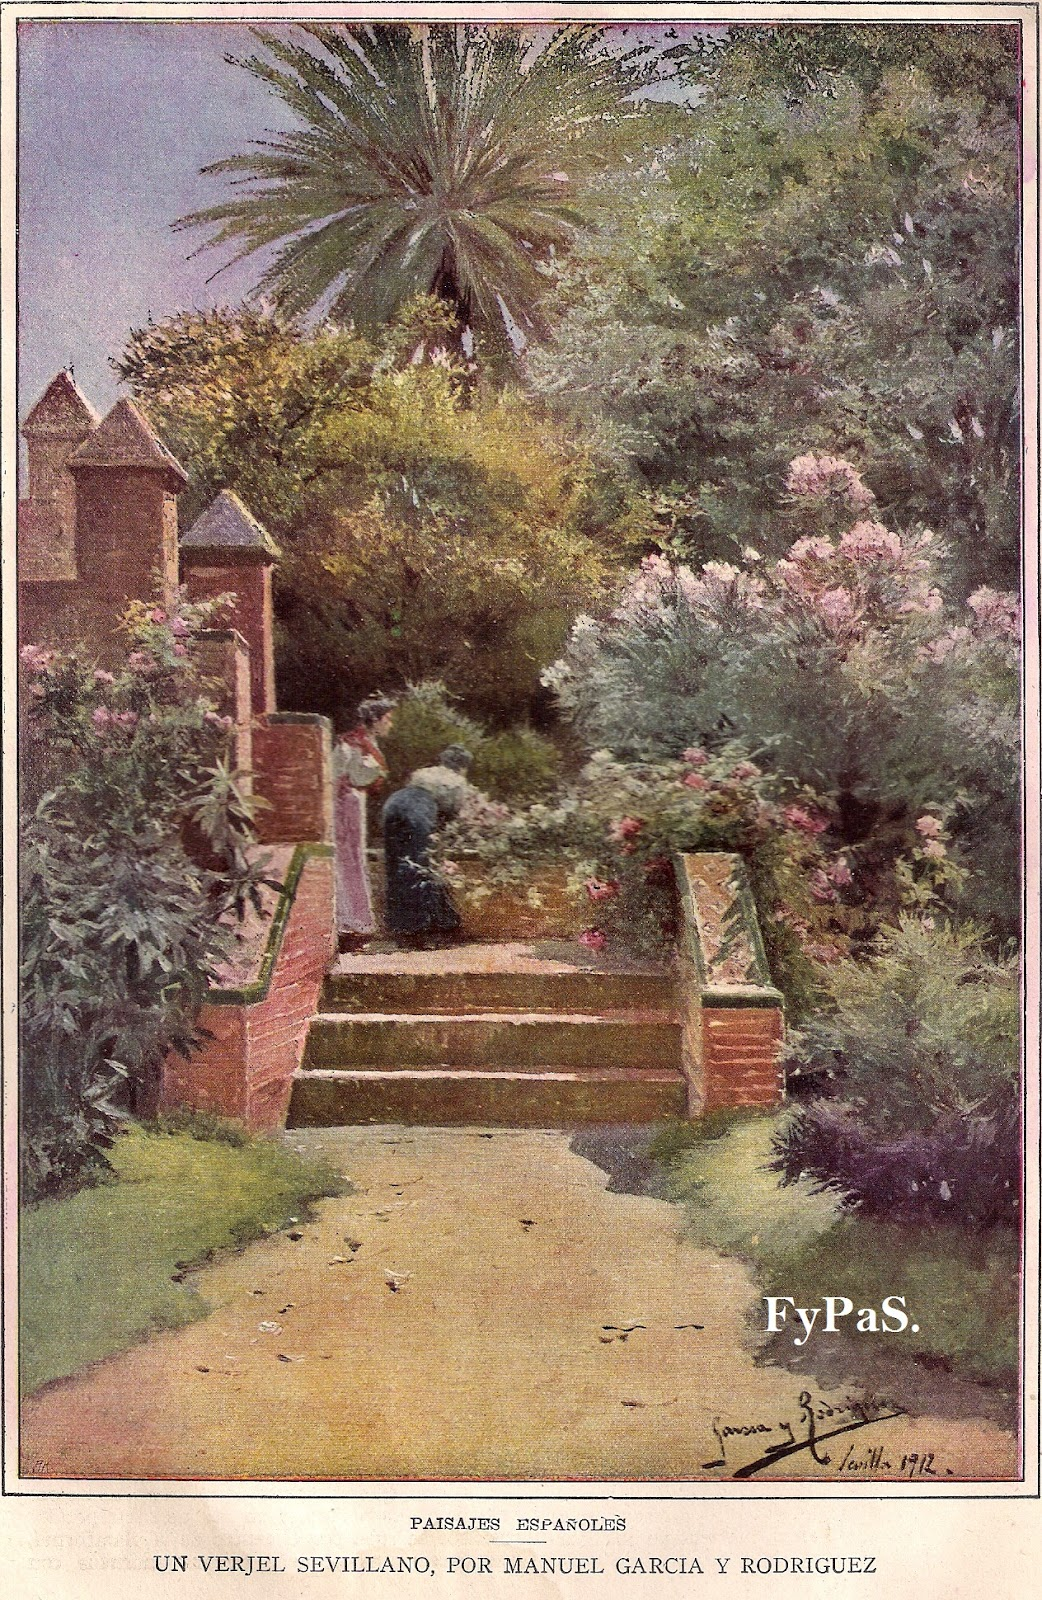 Fotos y postales antiguas de sevilla jardines y monumentos de sevilla - Jardines de sevilla ...